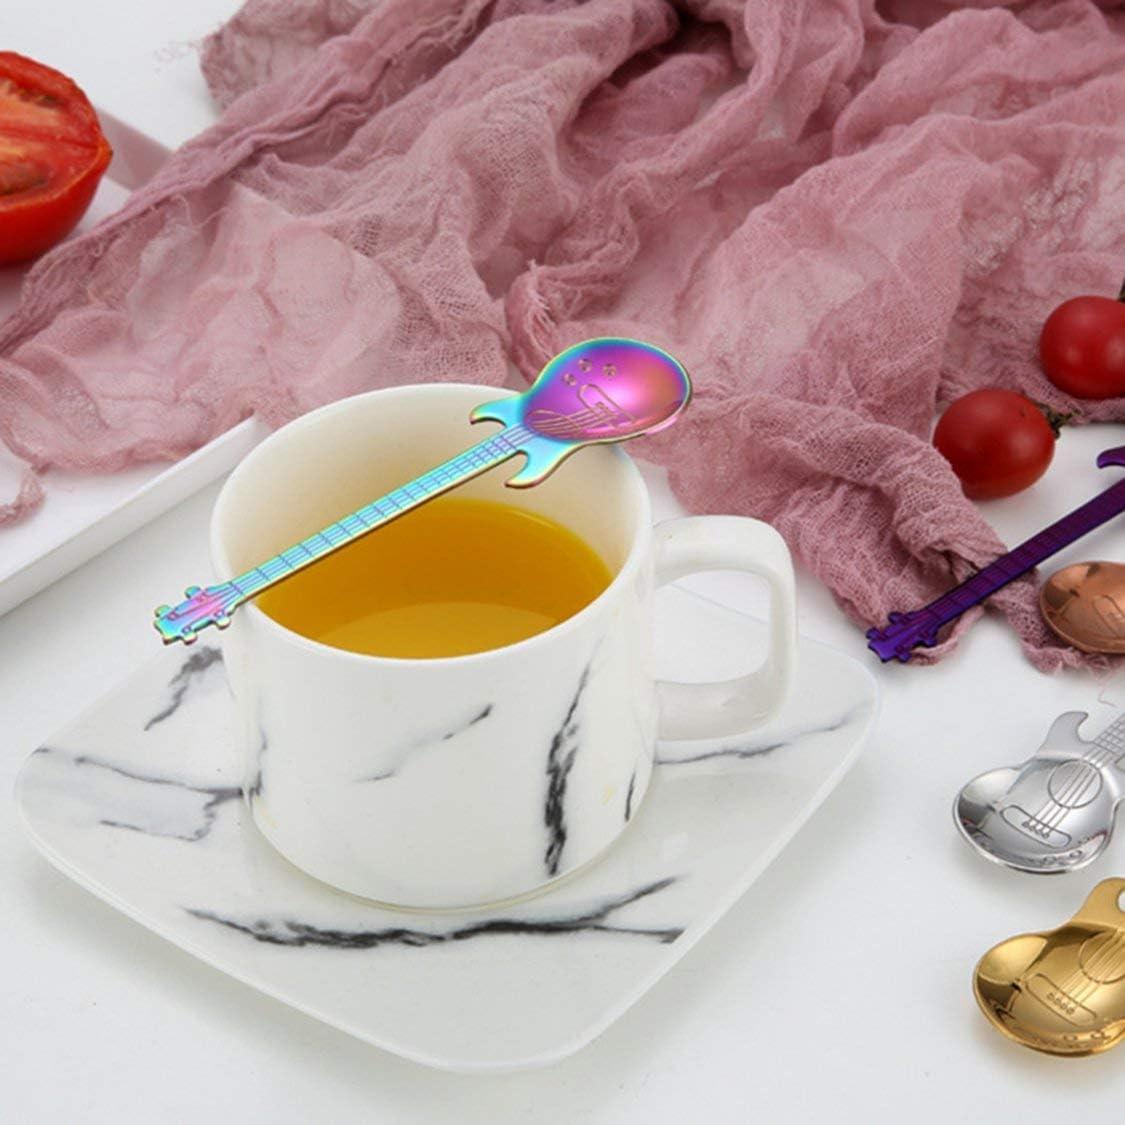 VIGE Gitarre Kaffee-L/öffel-Set Edelstahl Dessert Eiscreme-L/öffel Kaffeel/öffel Kaffeezubeh/ör Bestecke Trink Werkzeuge-Rose Gold